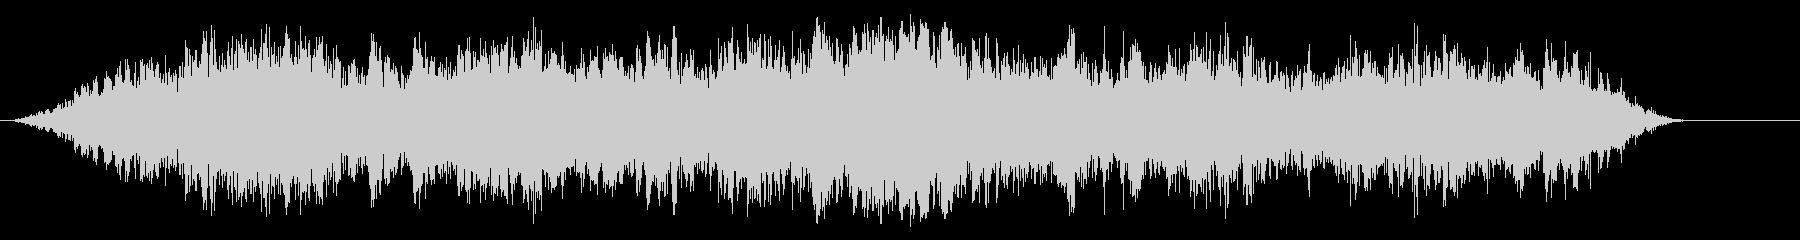 バッスルライオット0-40の未再生の波形